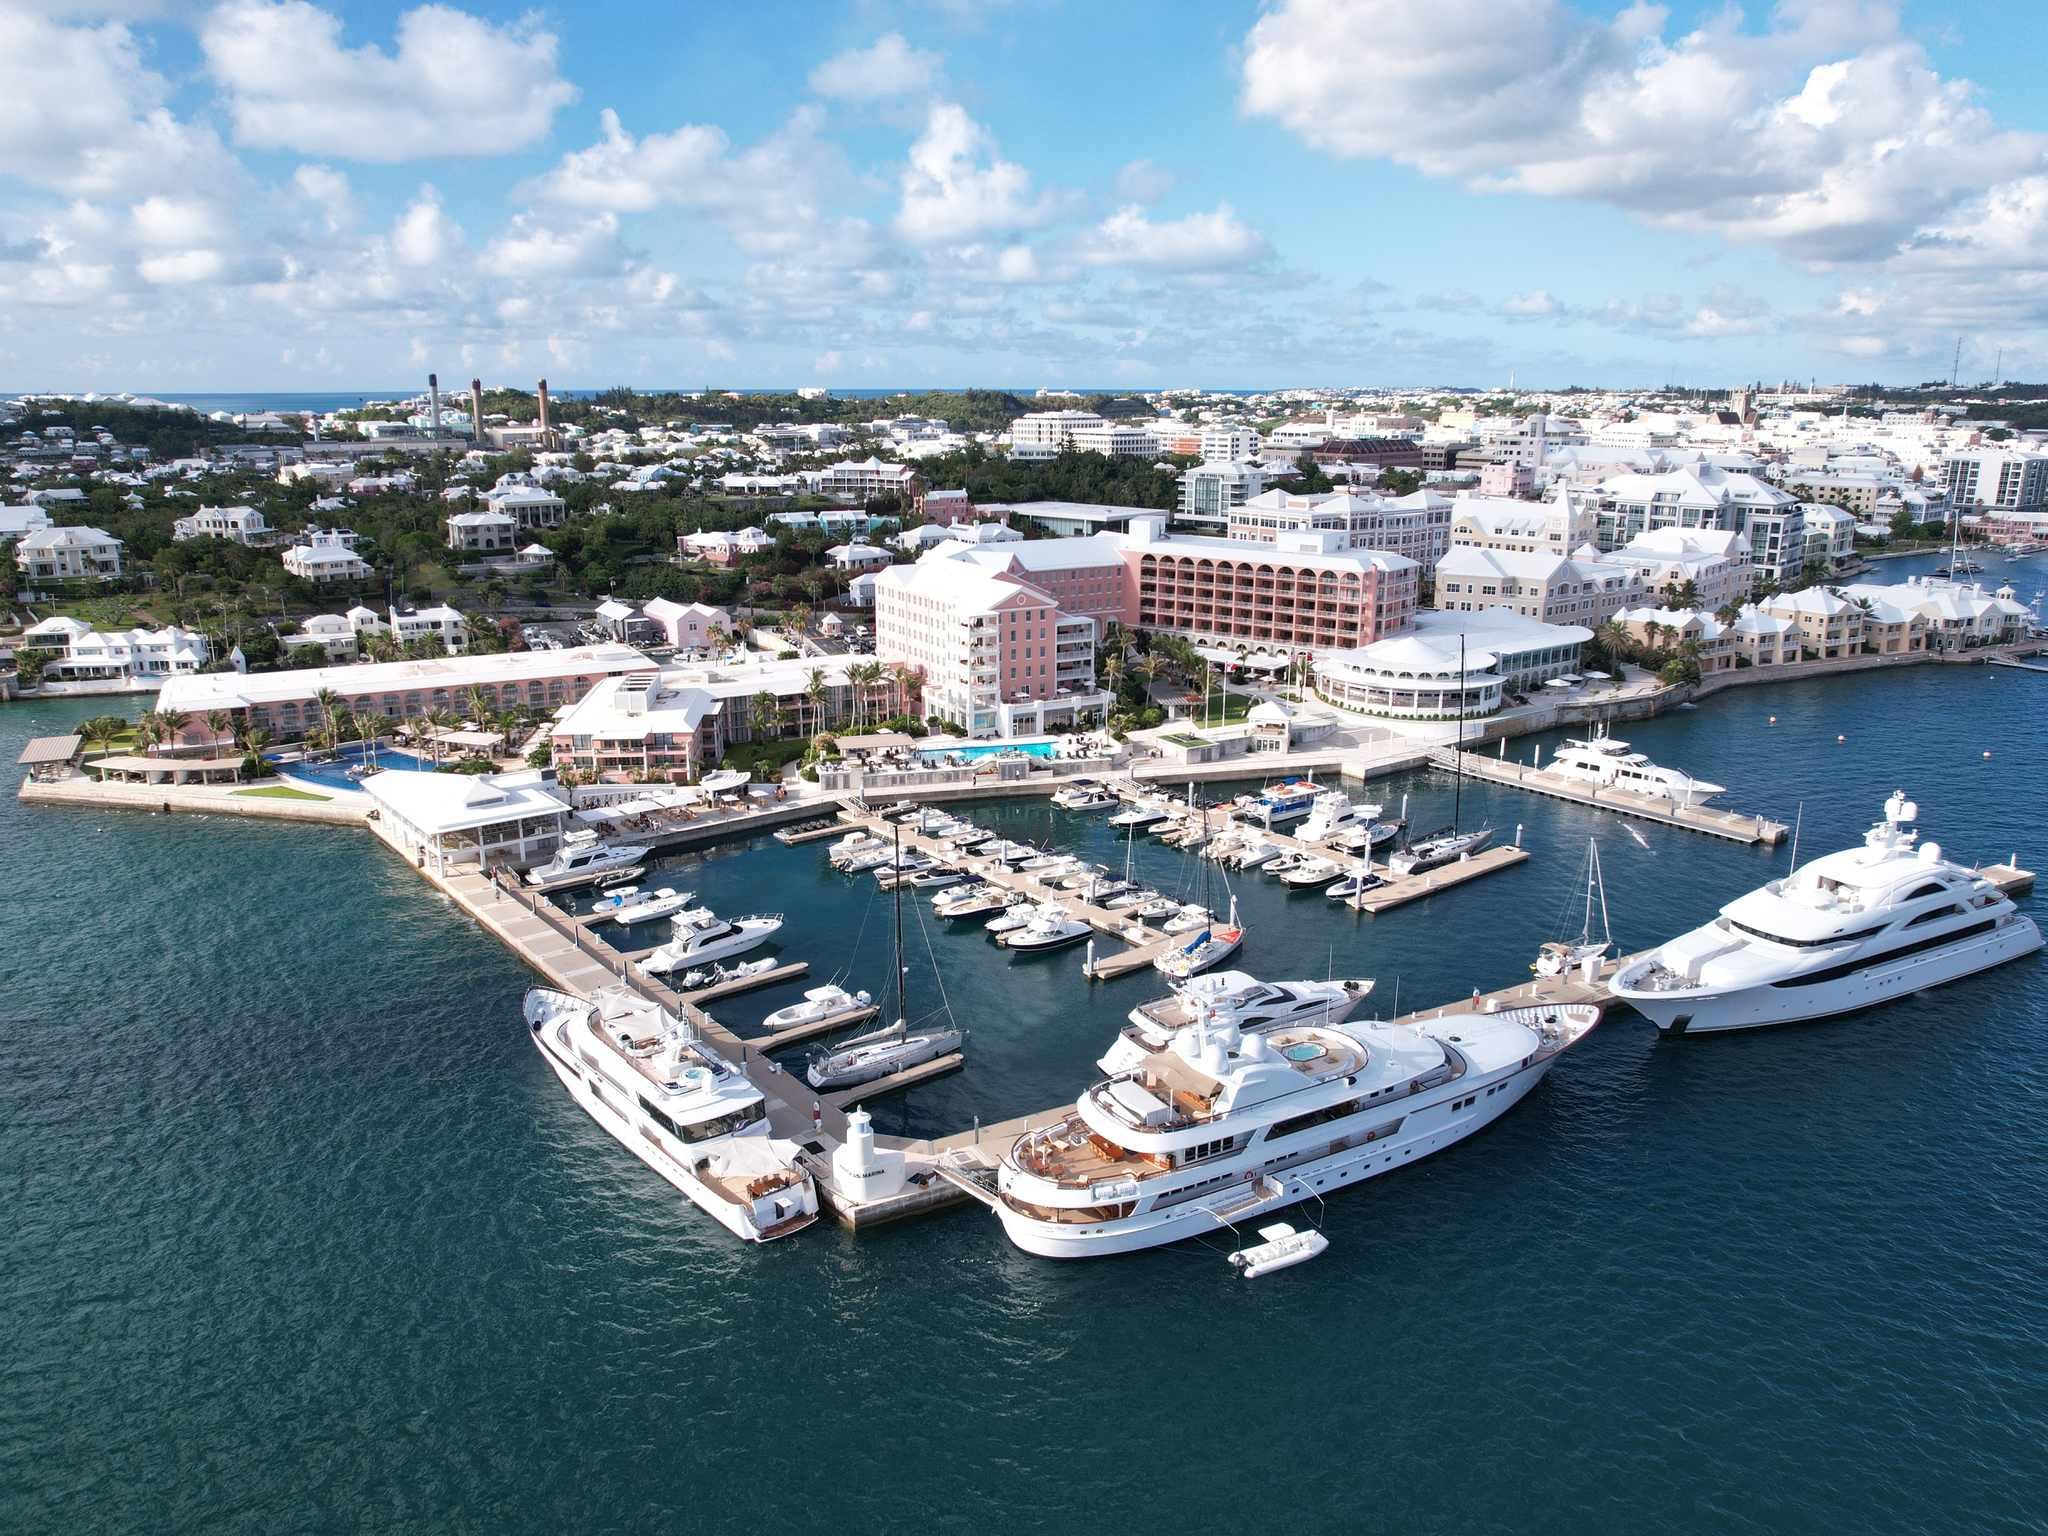 Отель — Hamilton Princess & Beach Club - под управлением Fairmont